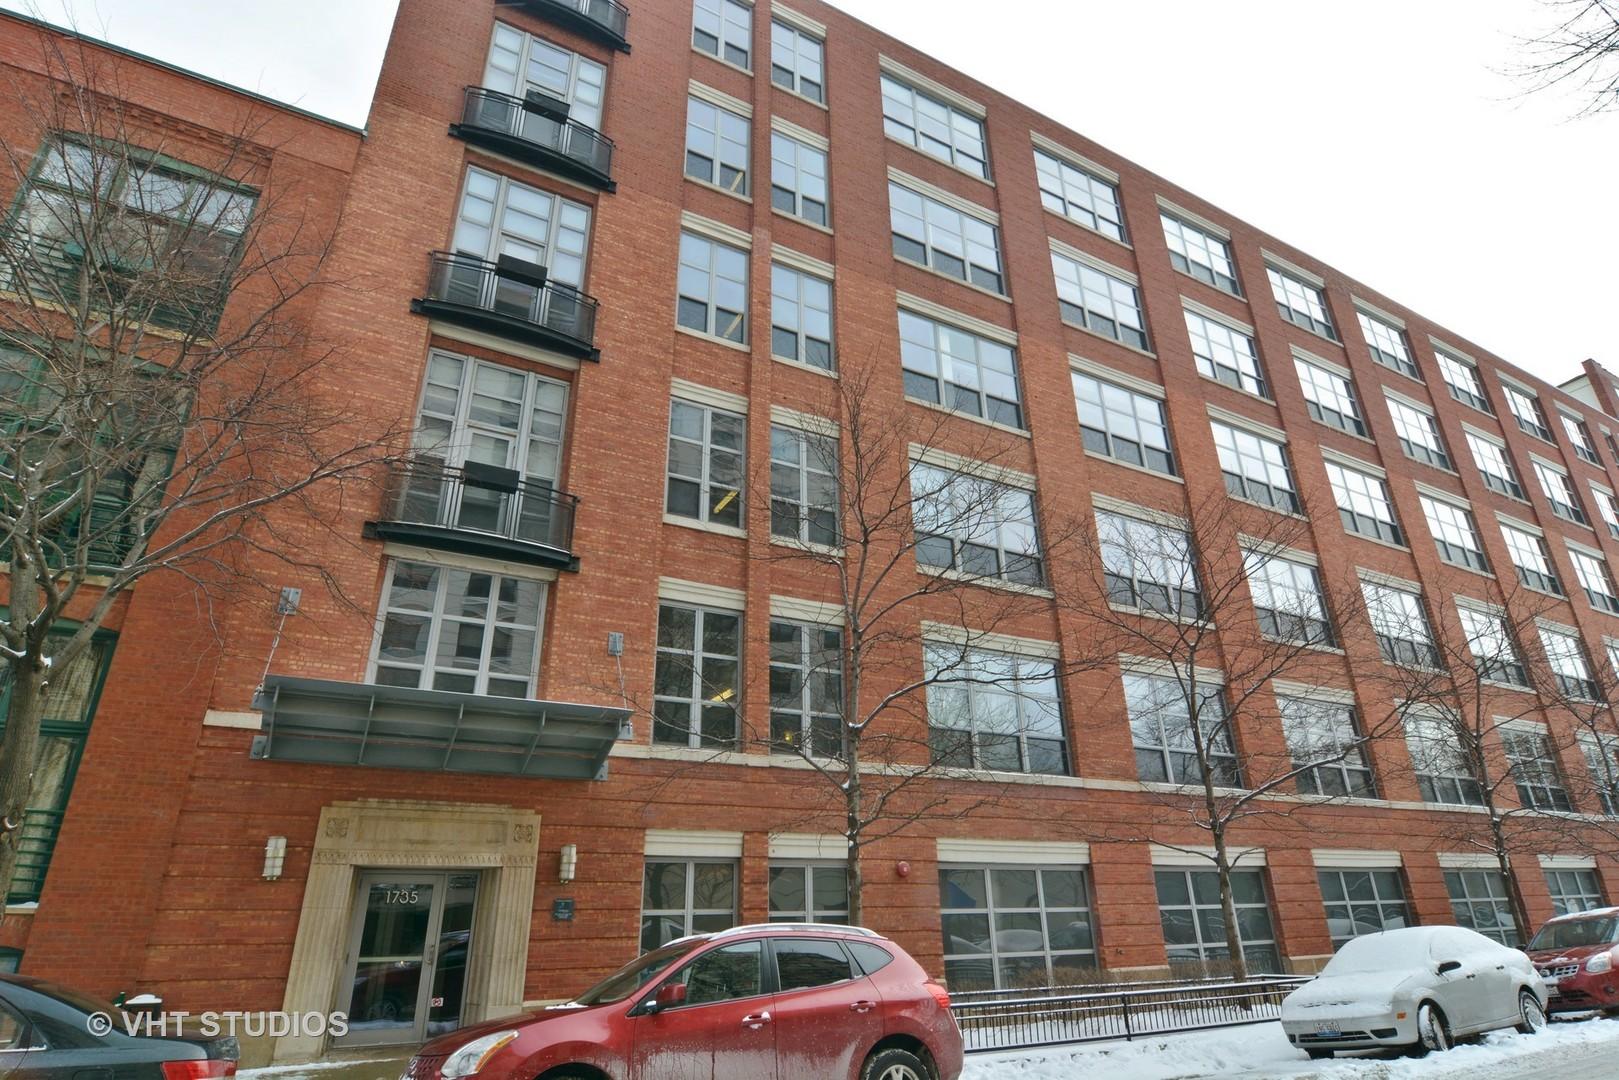 1735 Paulina Unit Unit 209 ,Chicago, Illinois 60622